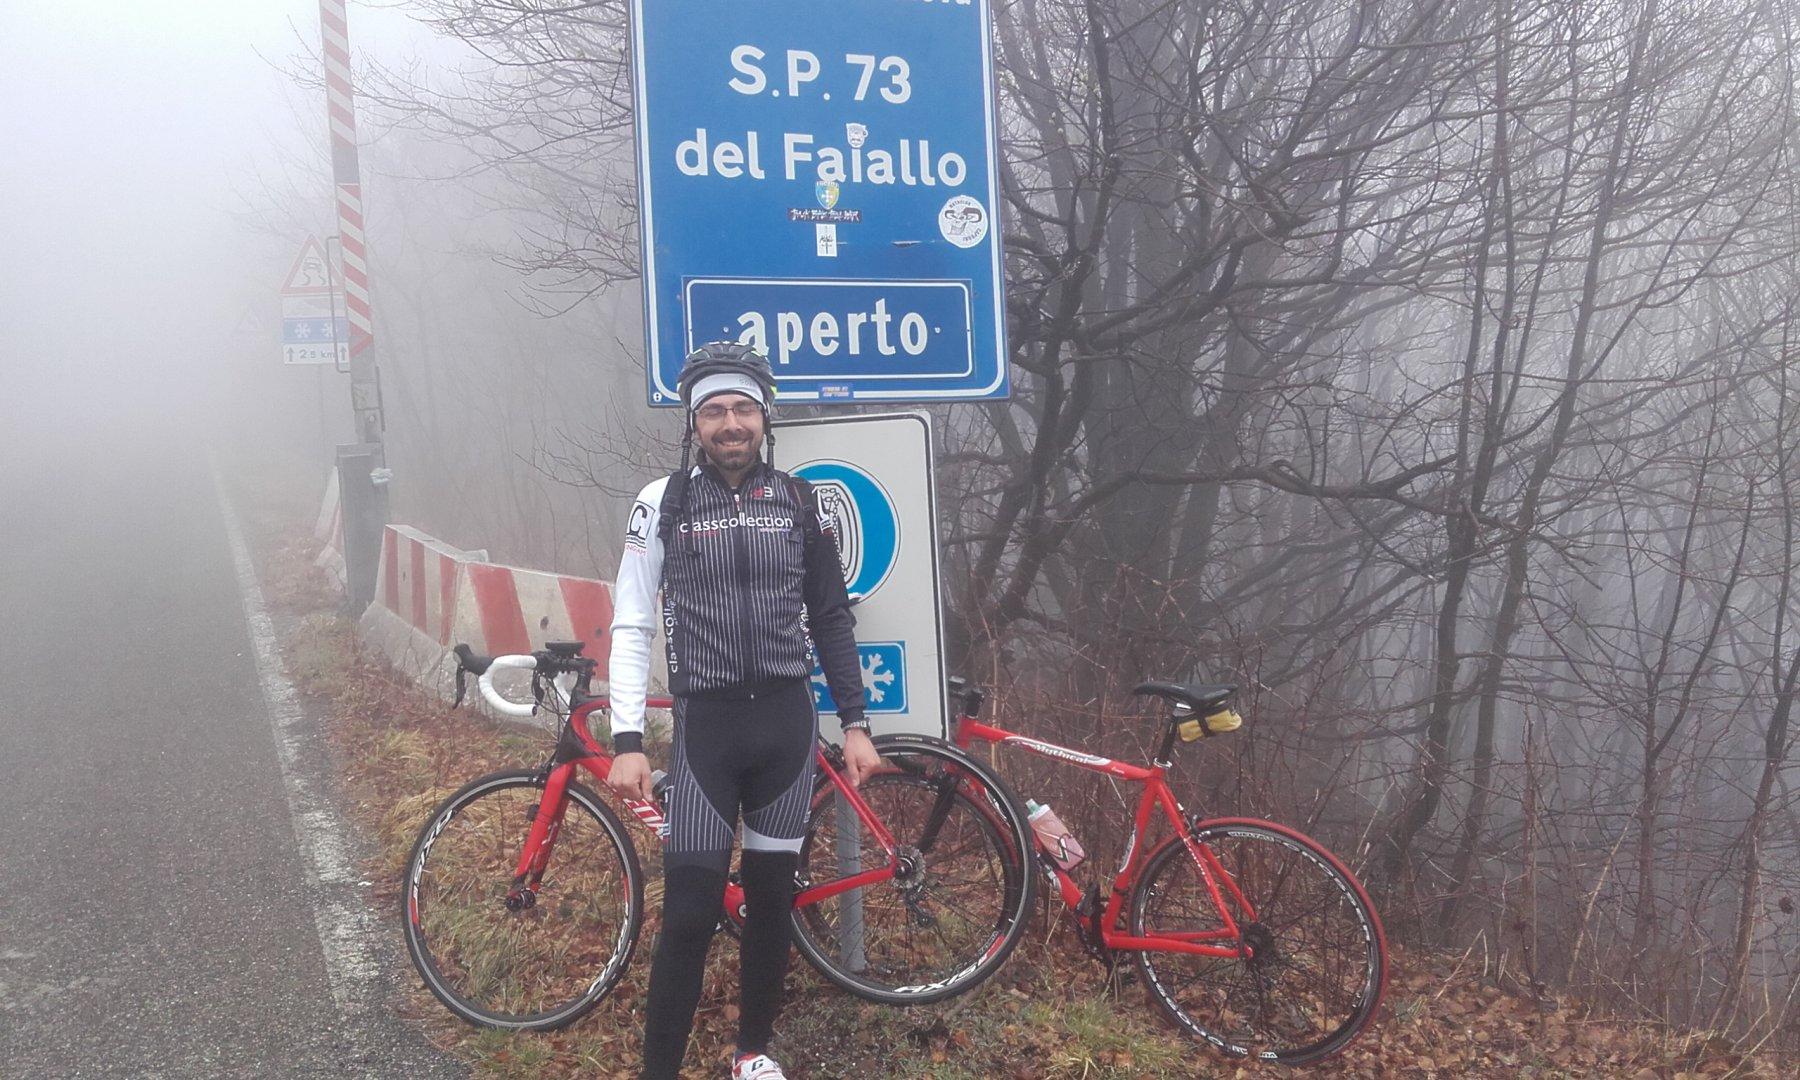 Faiallo (Passo del) da Rossiglione, giro 2016-04-02